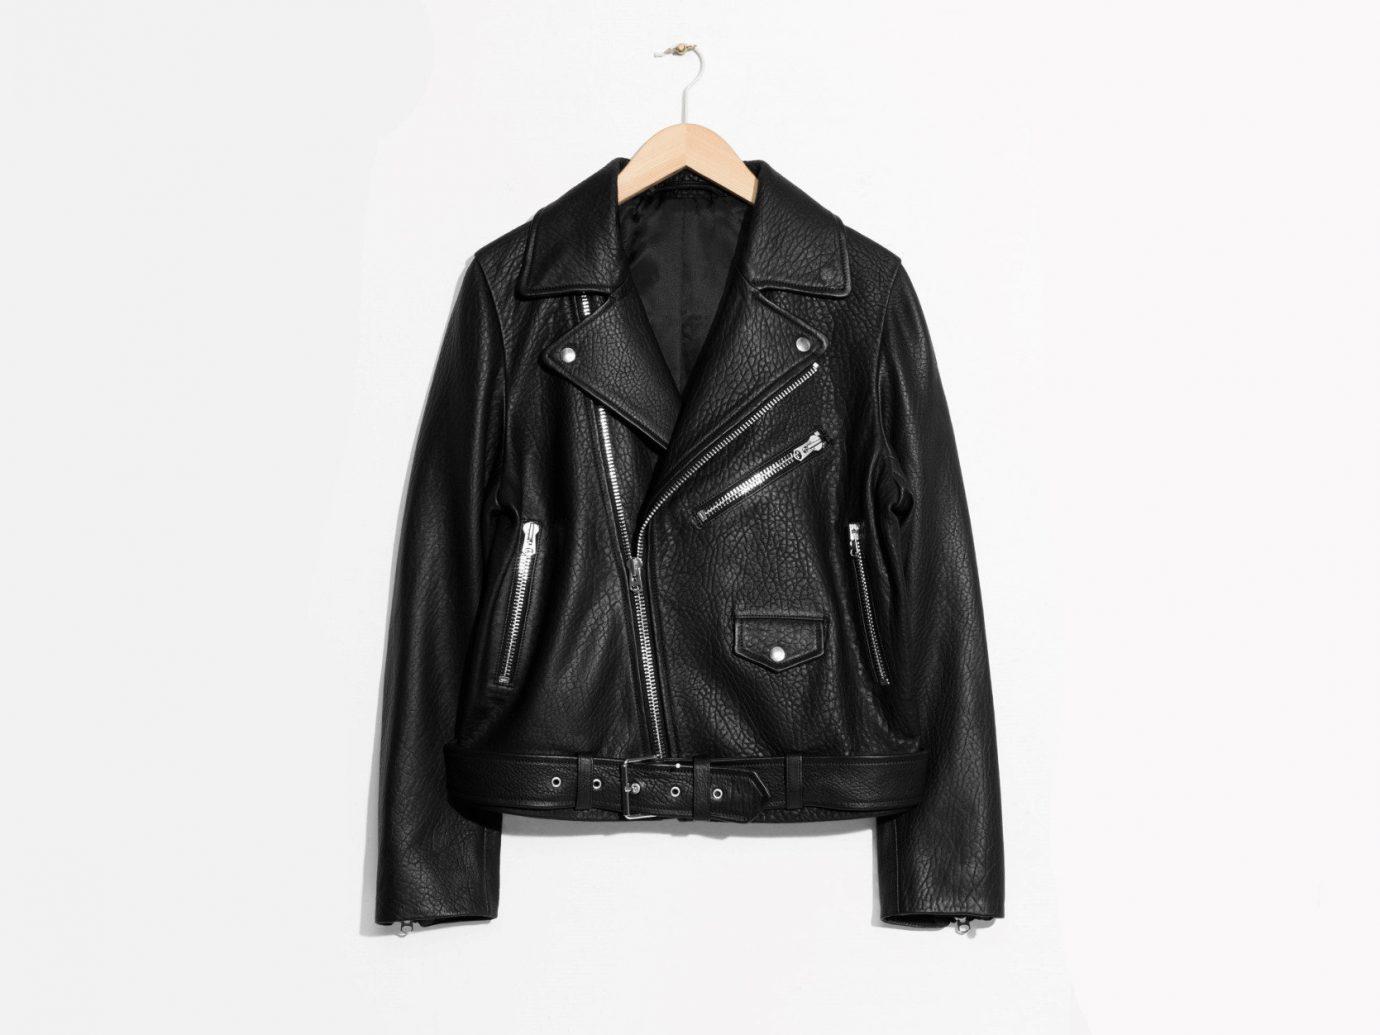 France Style + Design Travel Shop jacket clothing suit leather jacket leather coat product